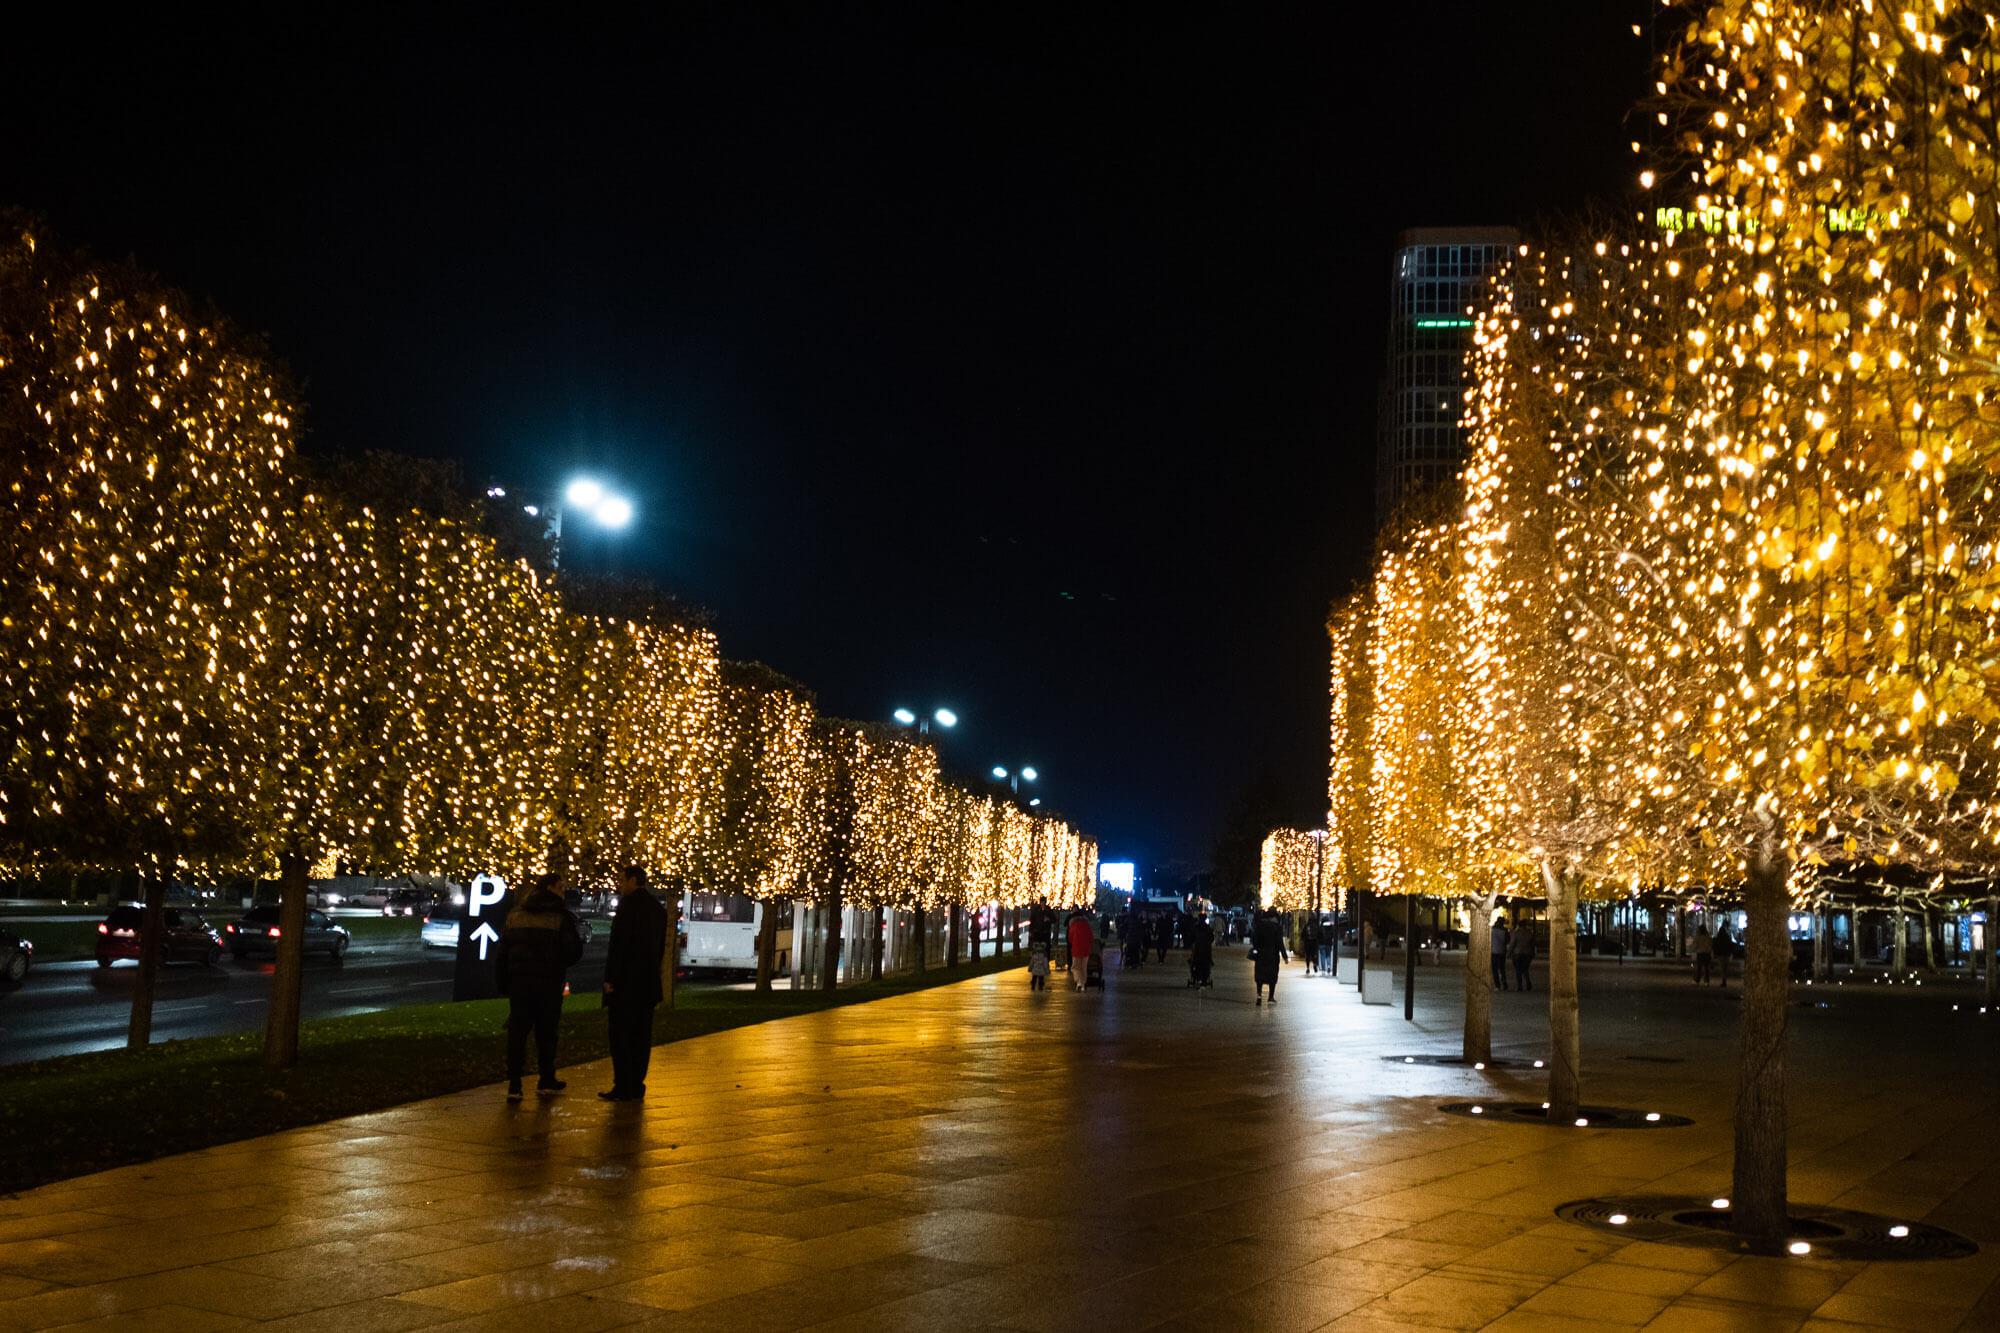 В парке «Краснодар» включили новогоднюю иллюминацию. Фоторепортаж